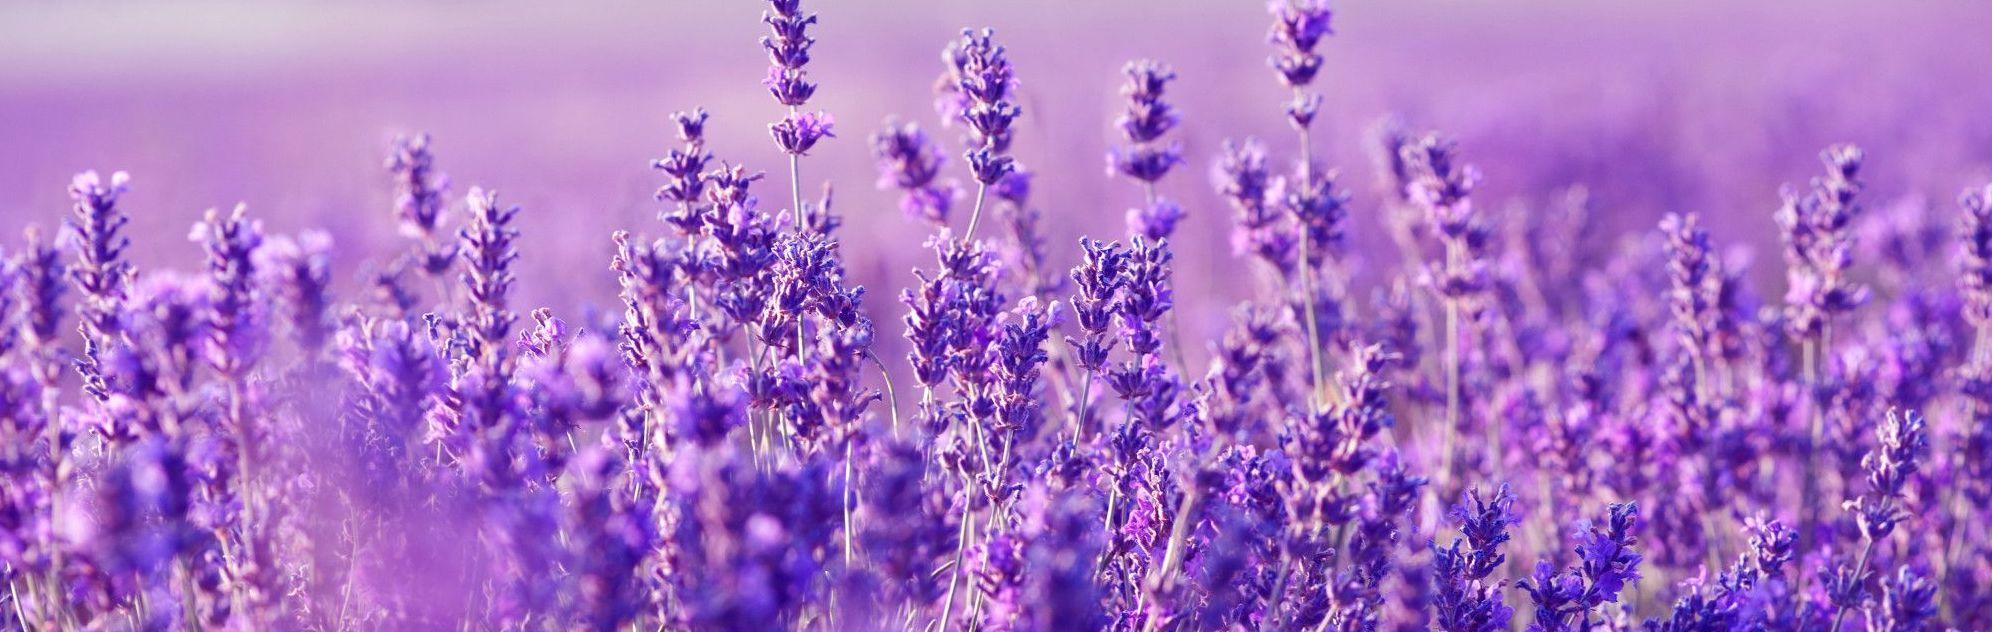 lavendel essentiële olie